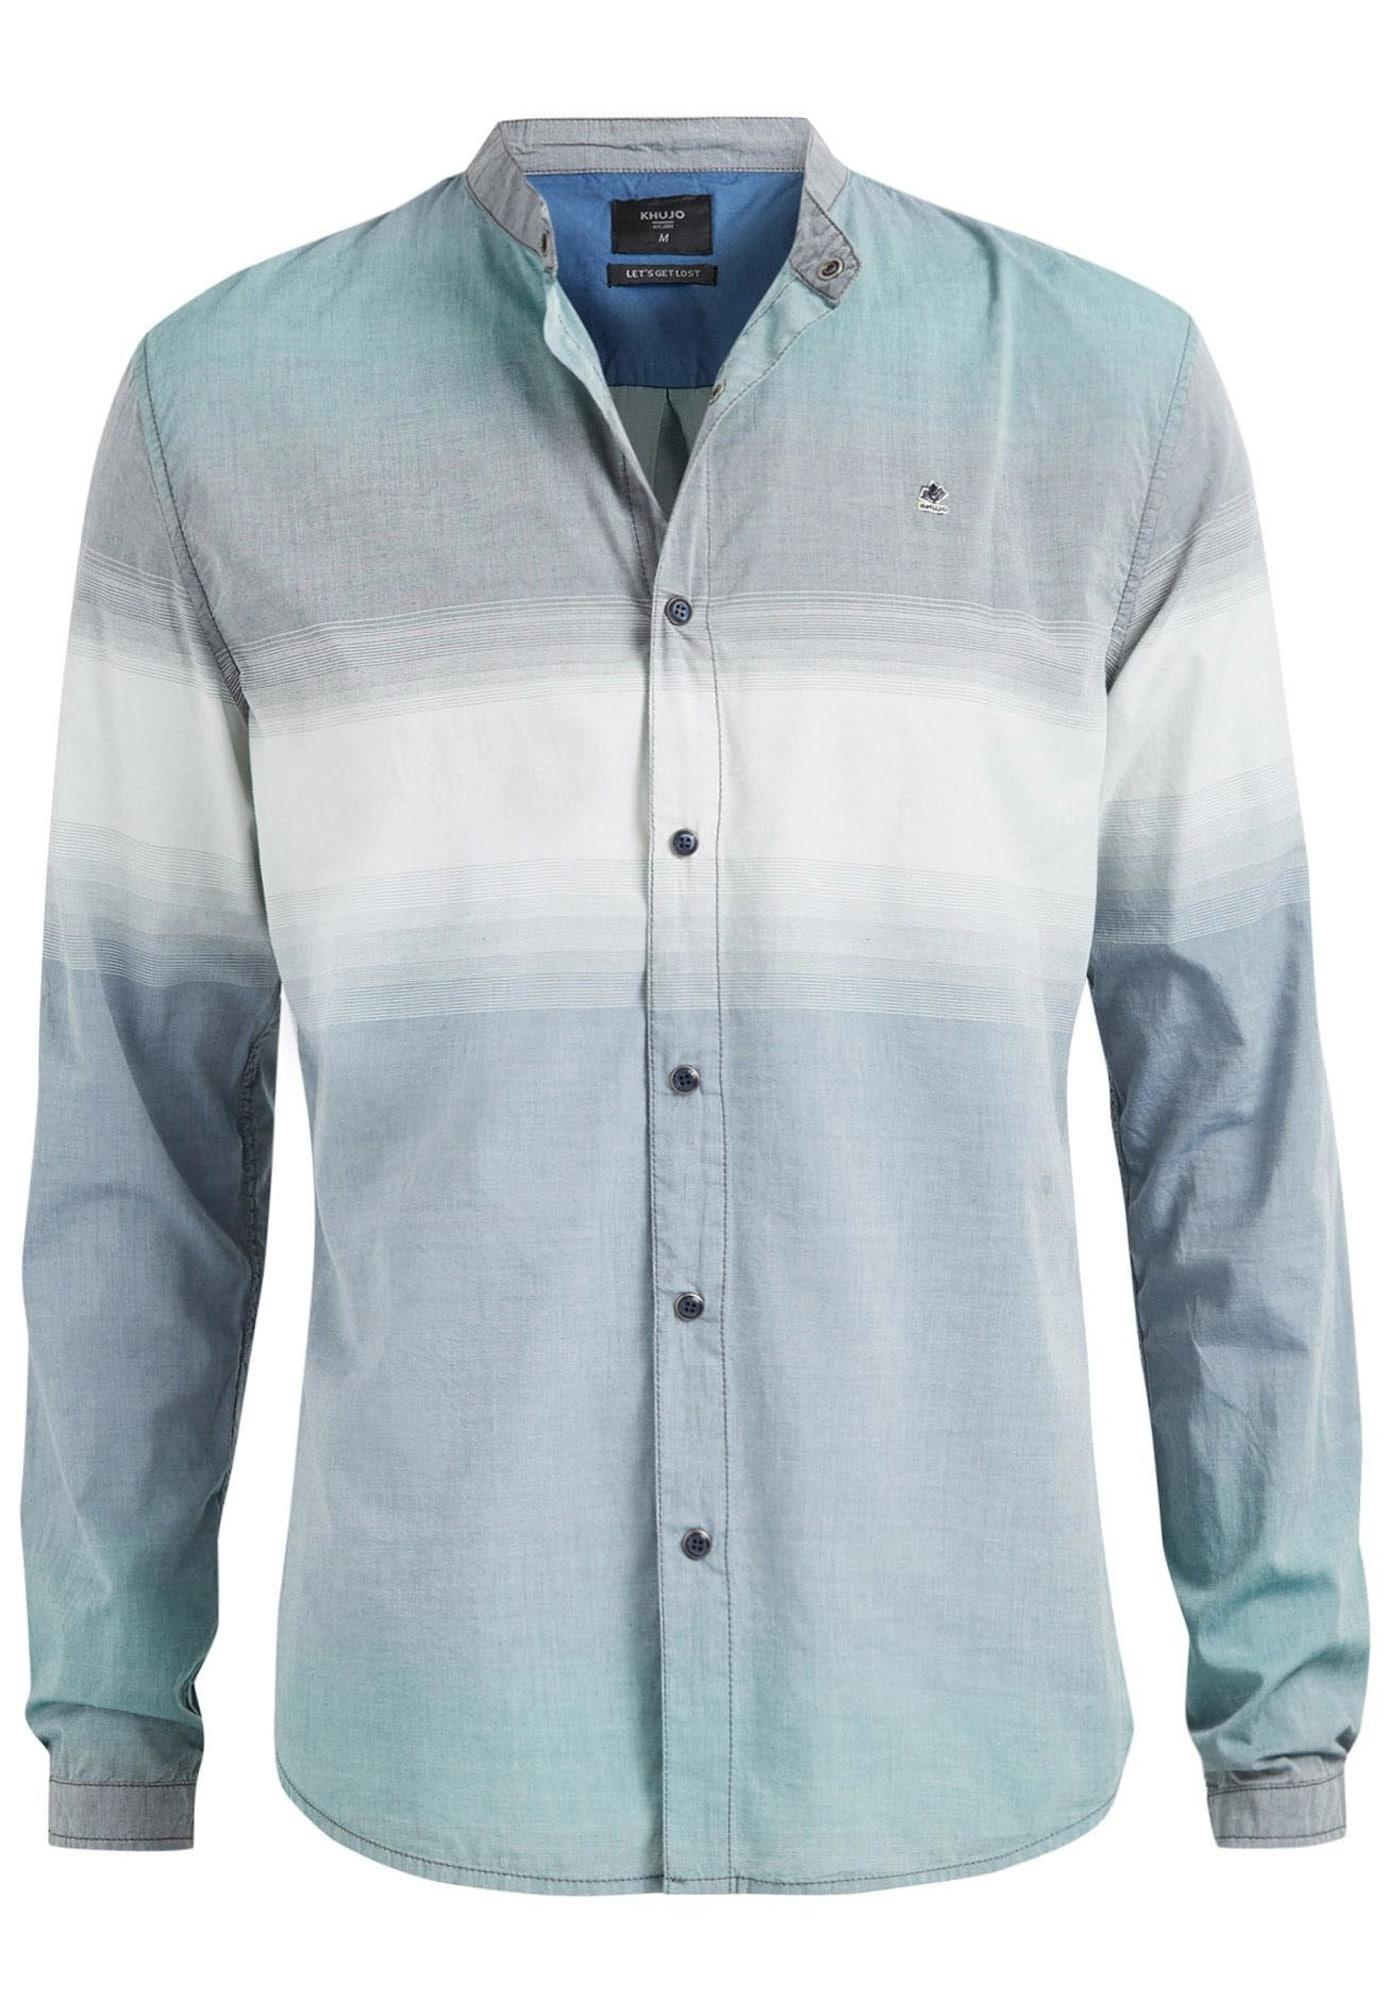 Freizeithemd RIGO   Bekleidung > Hemden > Freizeithemden   Blau   Khujo